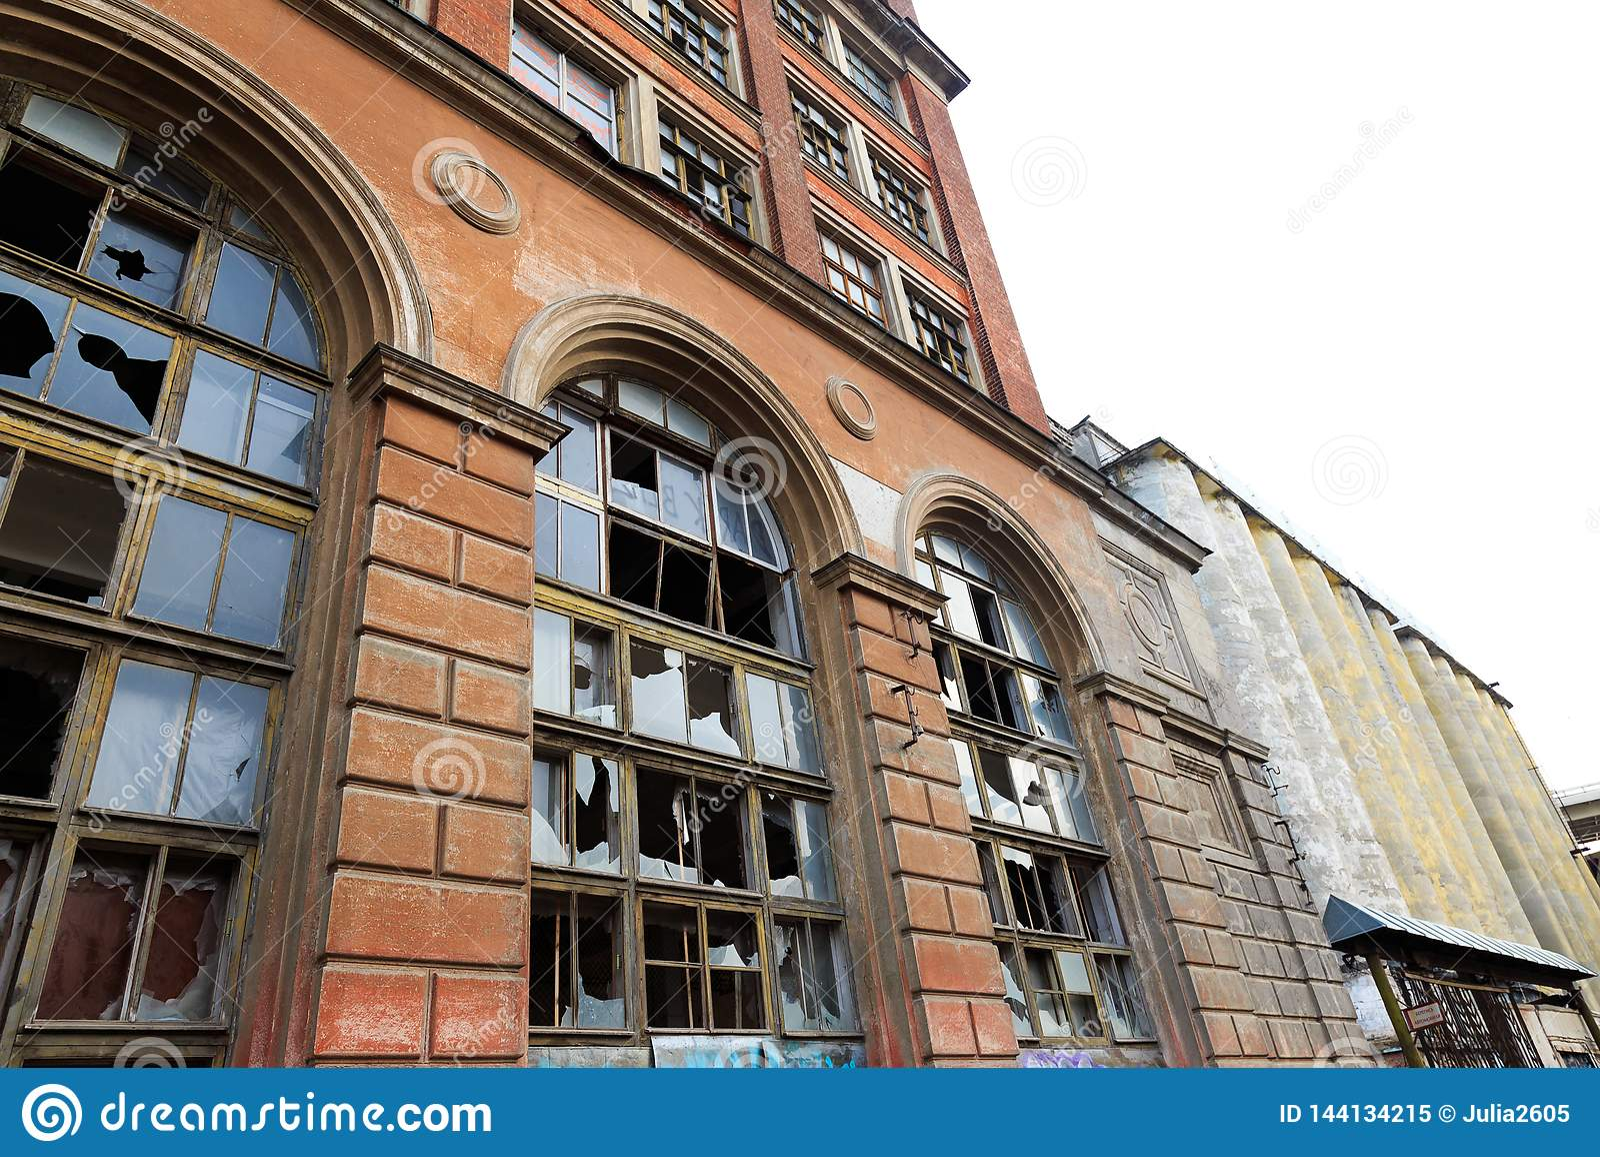 Fassade eines verlassenen Industrieunternehmens